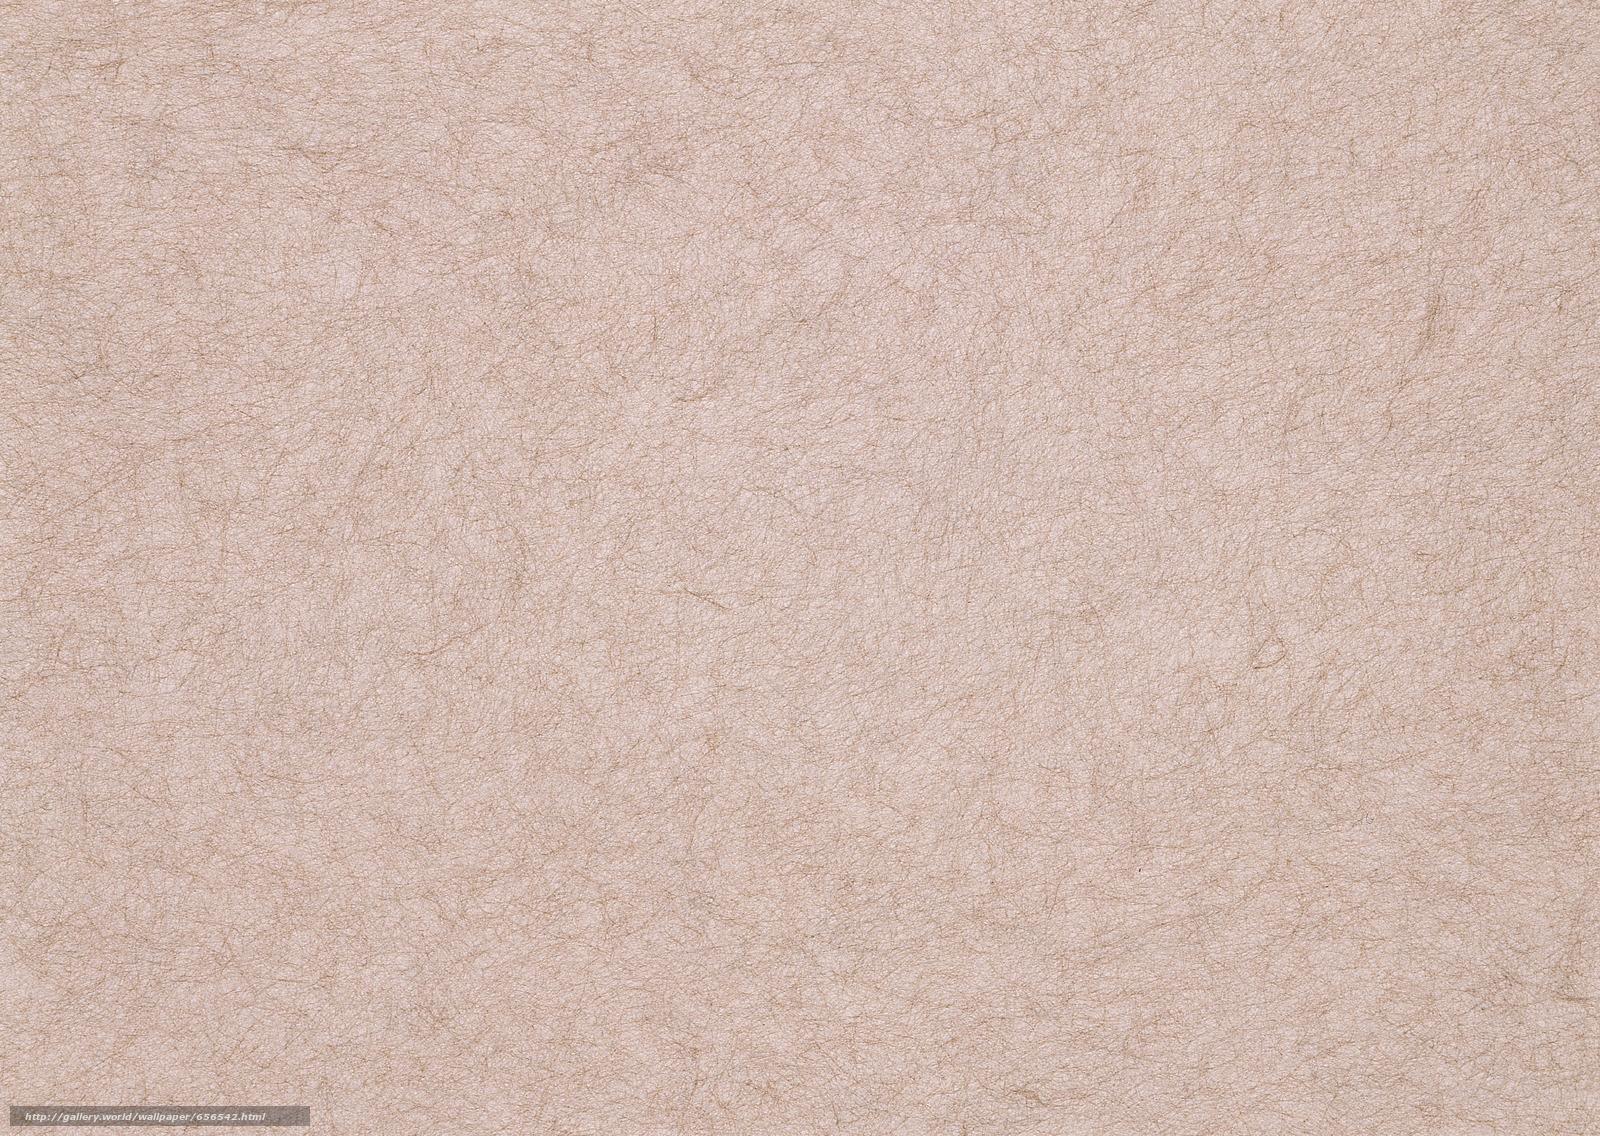 Скачать обои текстура,  текстуры,  фон,  фоны бесплатно для рабочего стола в разрешении 2950x2094 — картинка №656542